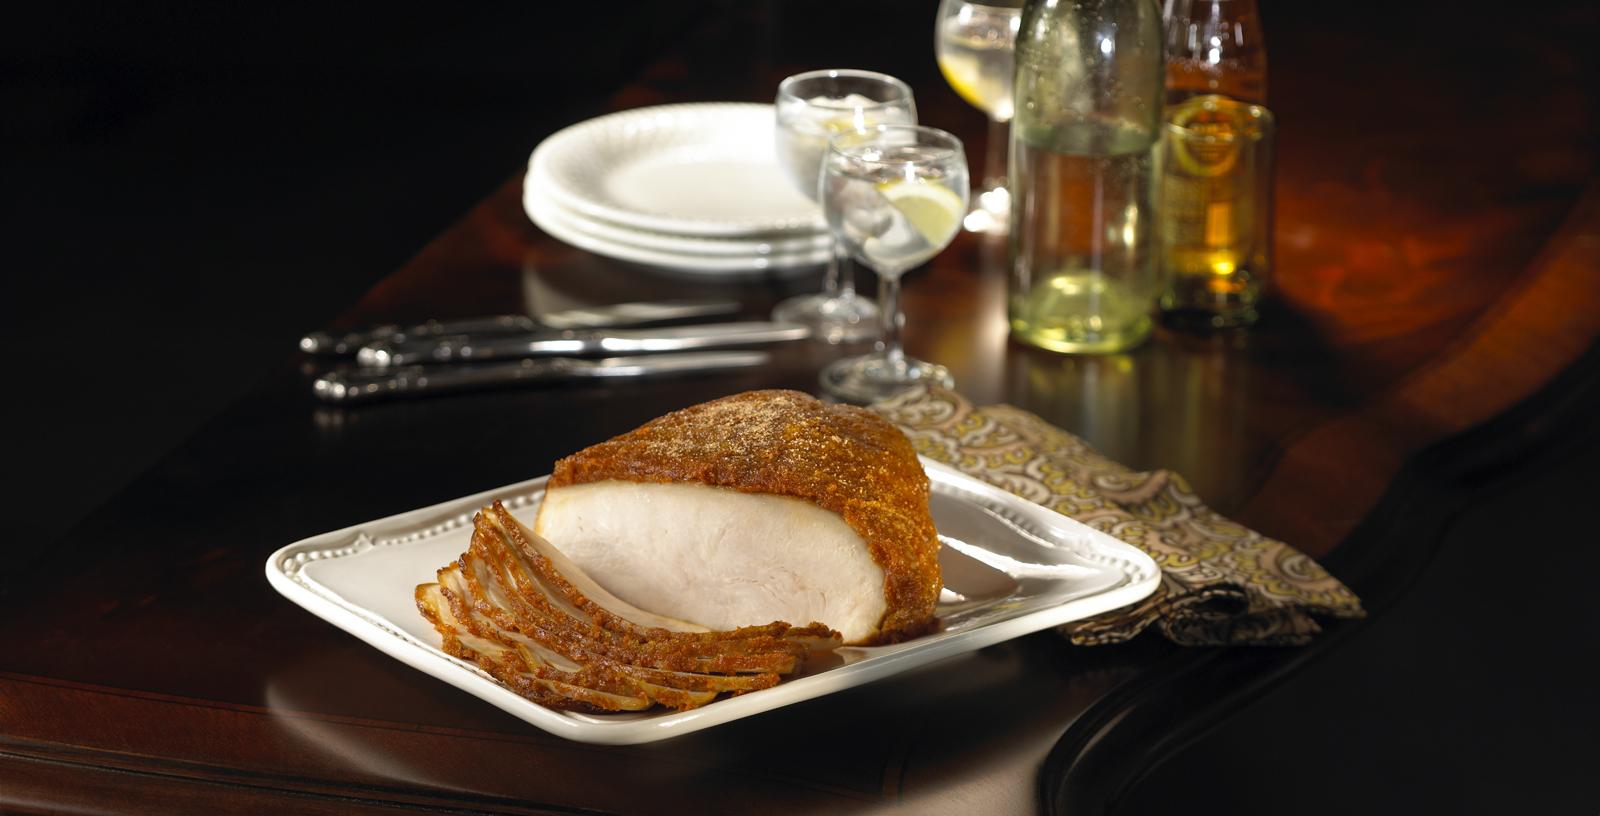 Ham company - The Honey Baked Ham Company